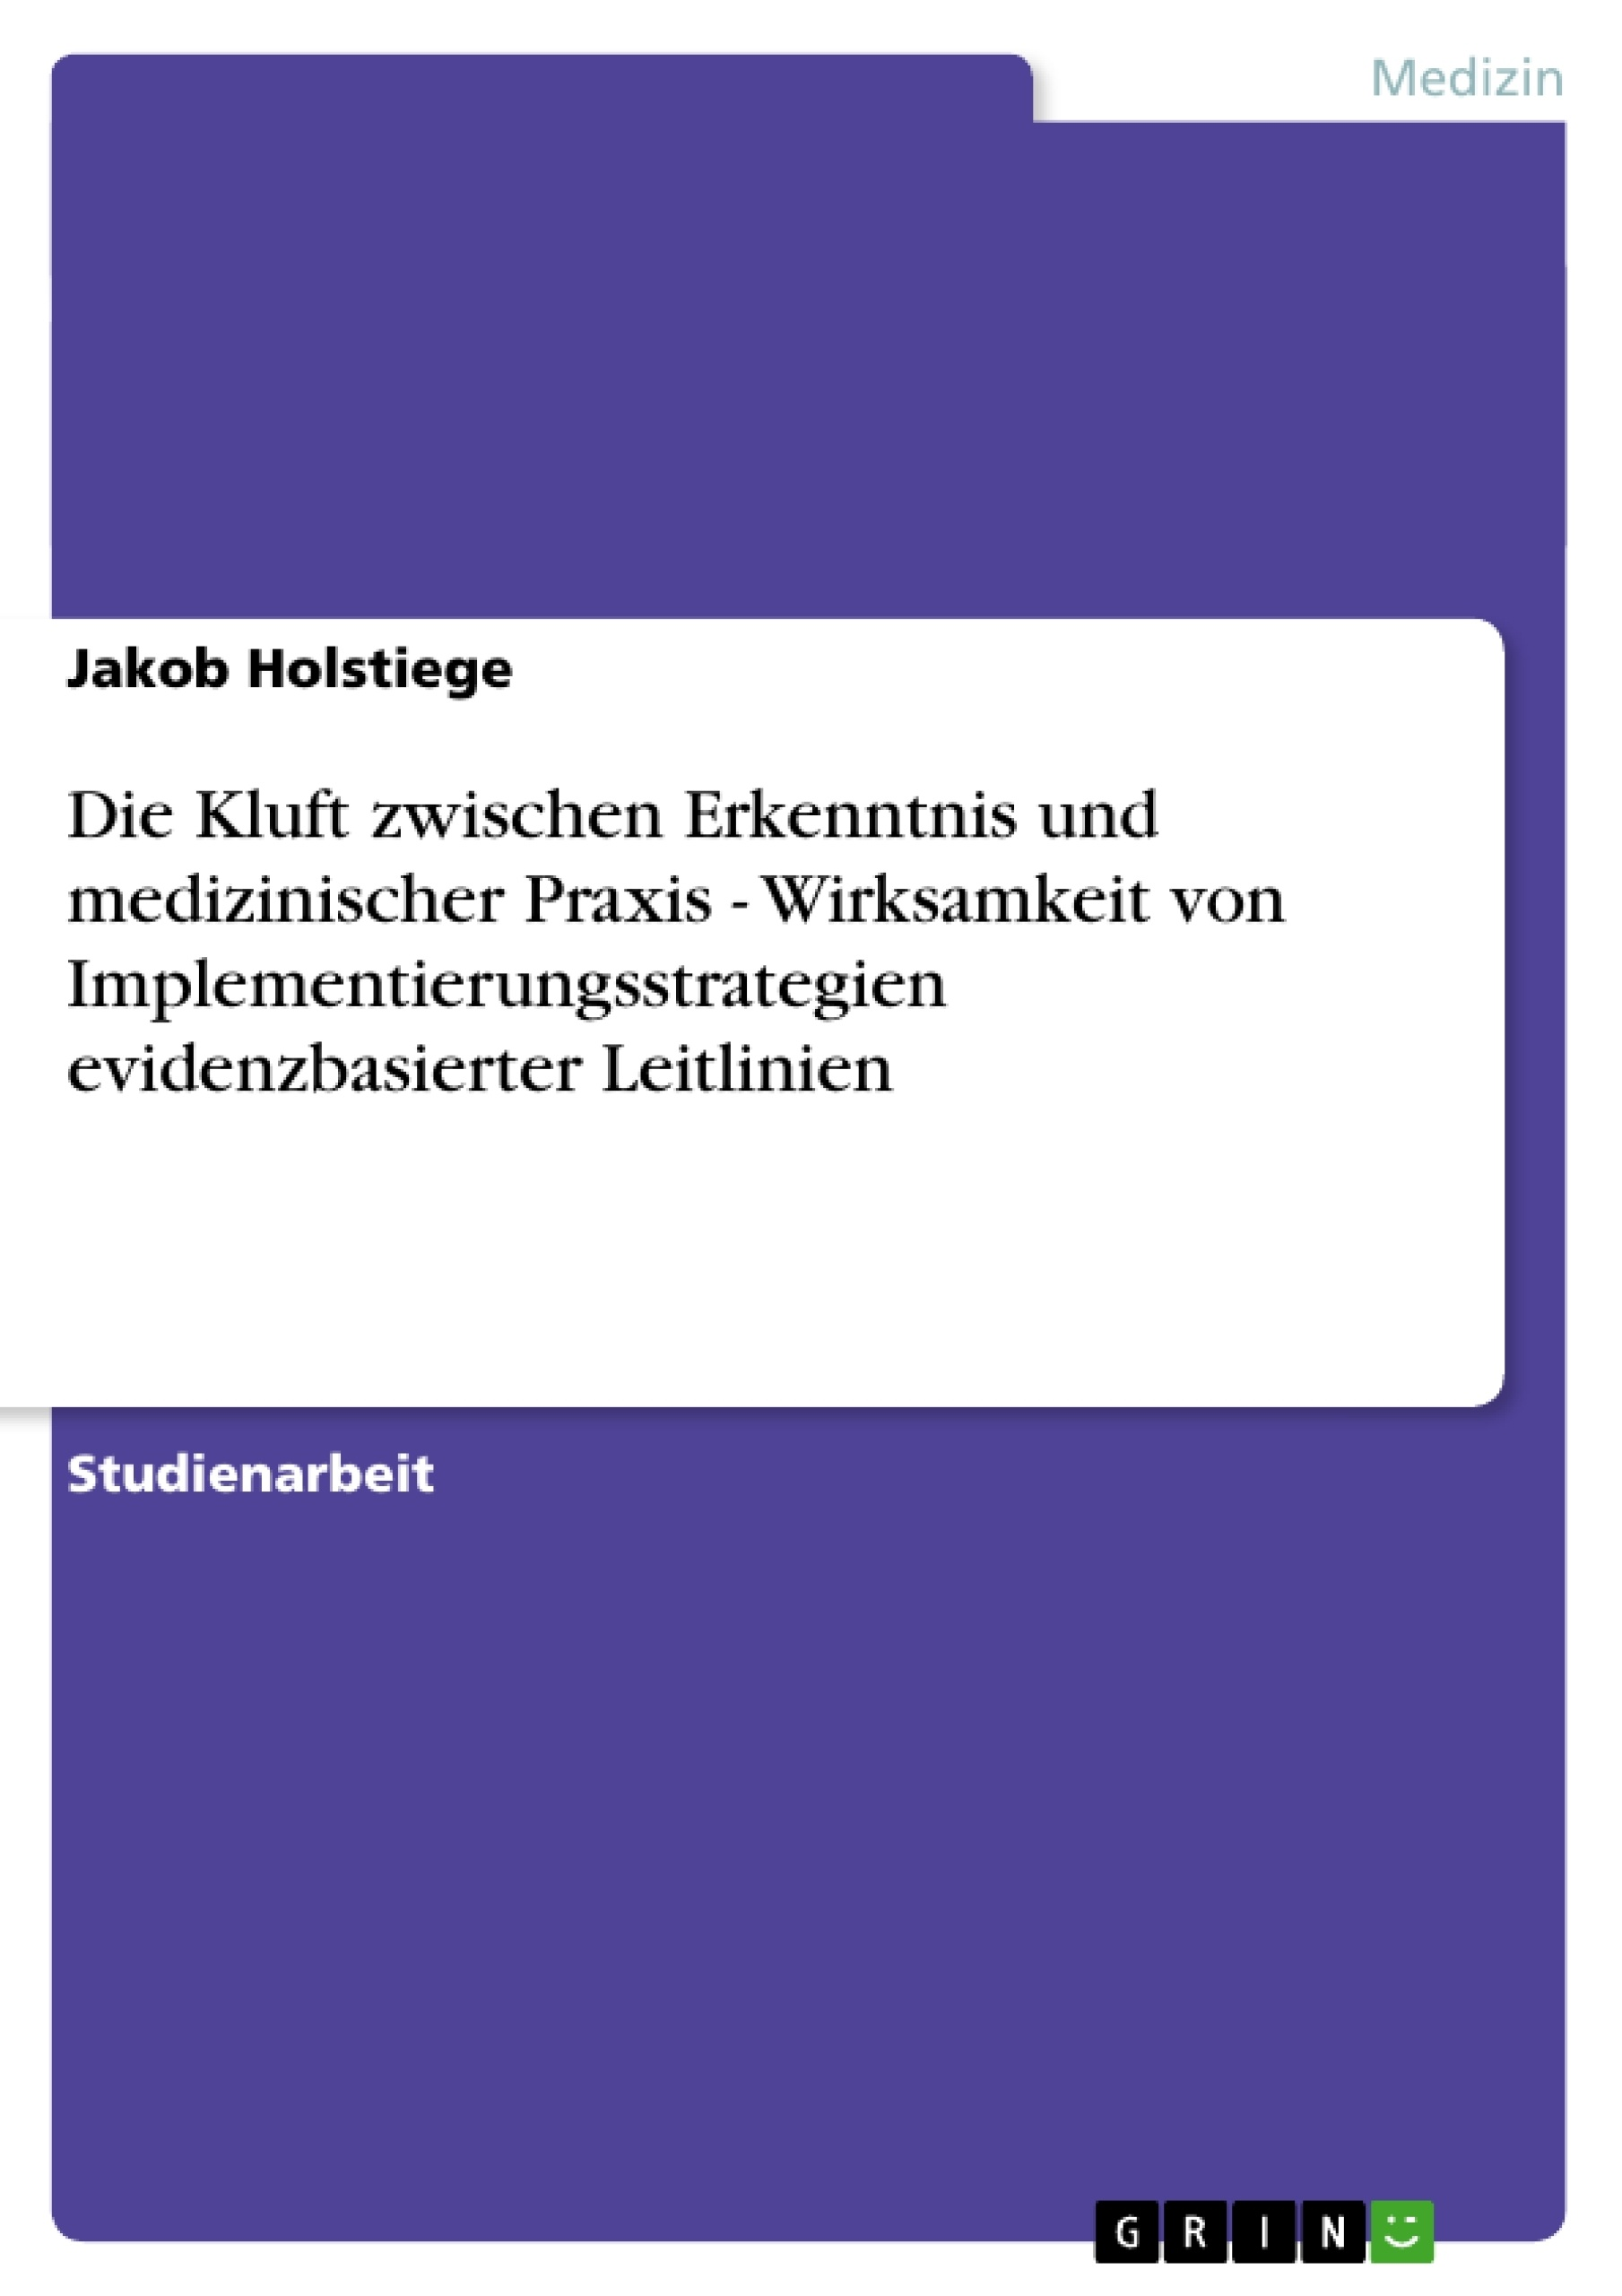 Titel: Die Kluft zwischen Erkenntnis und medizinischer Praxis - Wirksamkeit von Implementierungsstrategien evidenzbasierter Leitlinien